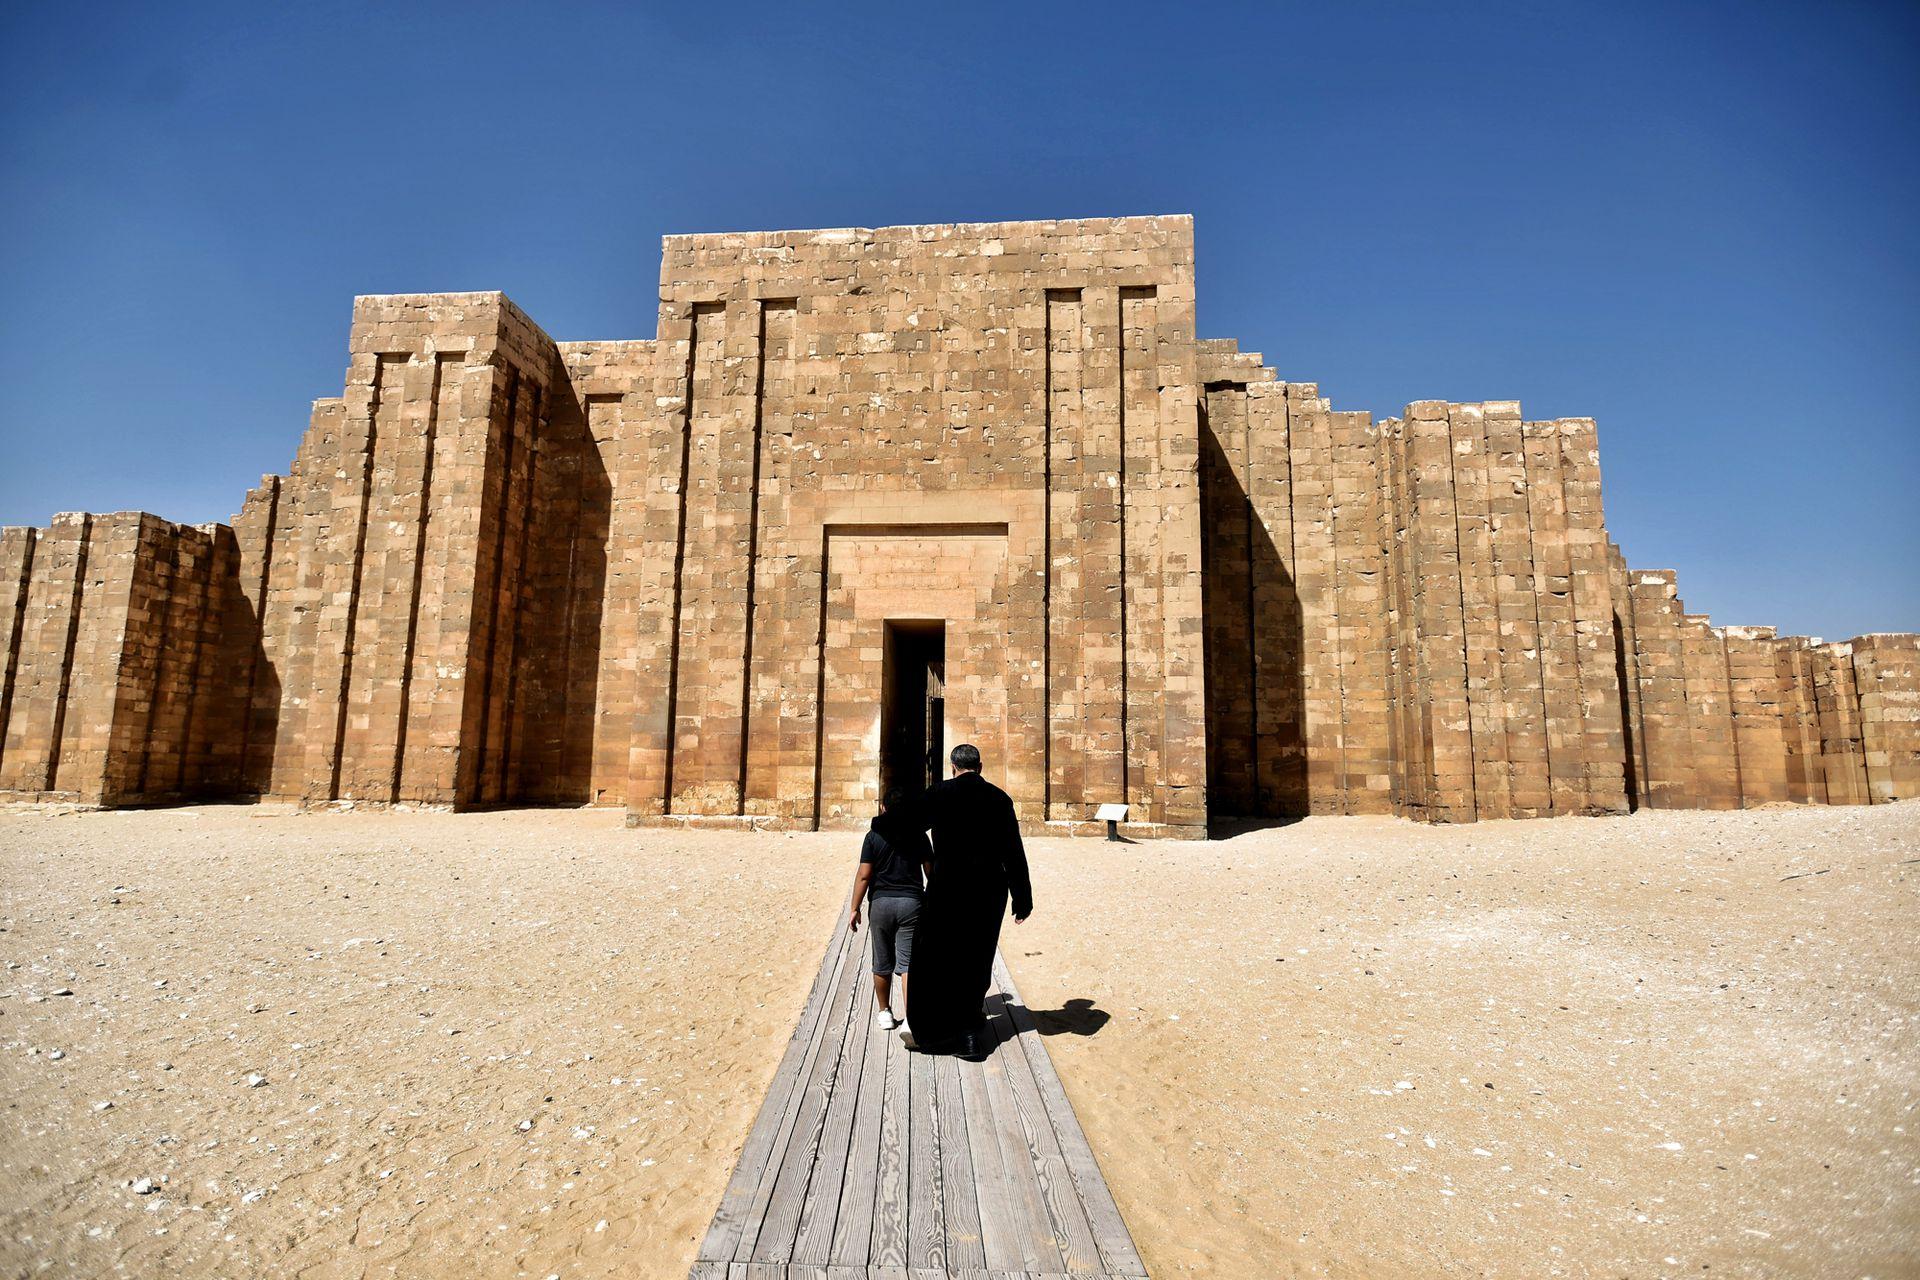 El complejo de 60 metros de altura consta de seis partes superpuestas sobre una tumba funeraria de 28 metros de profundidad y siete metros de ancho